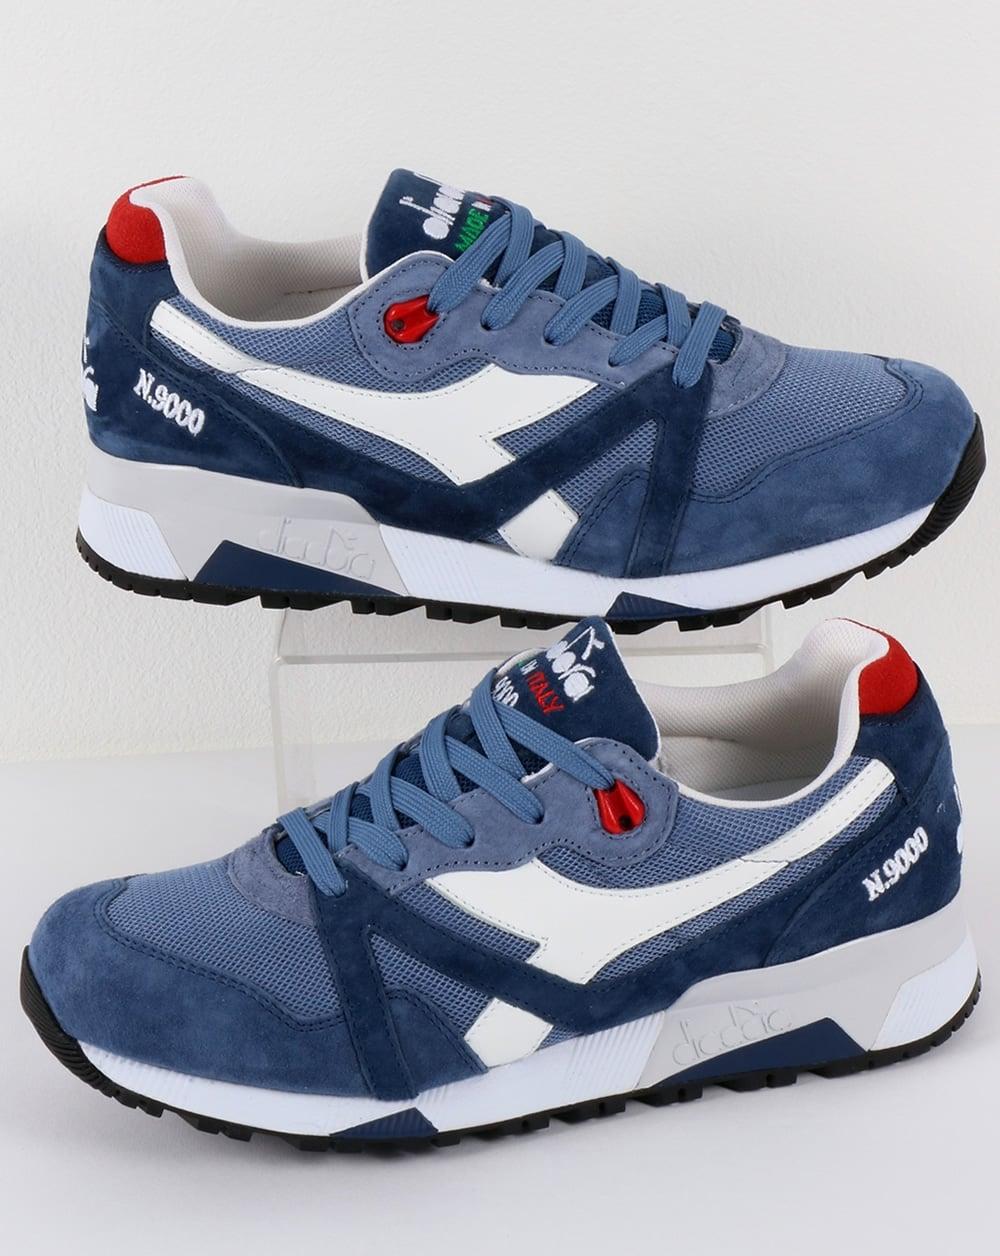 diadora n9000 blue off 54% - www